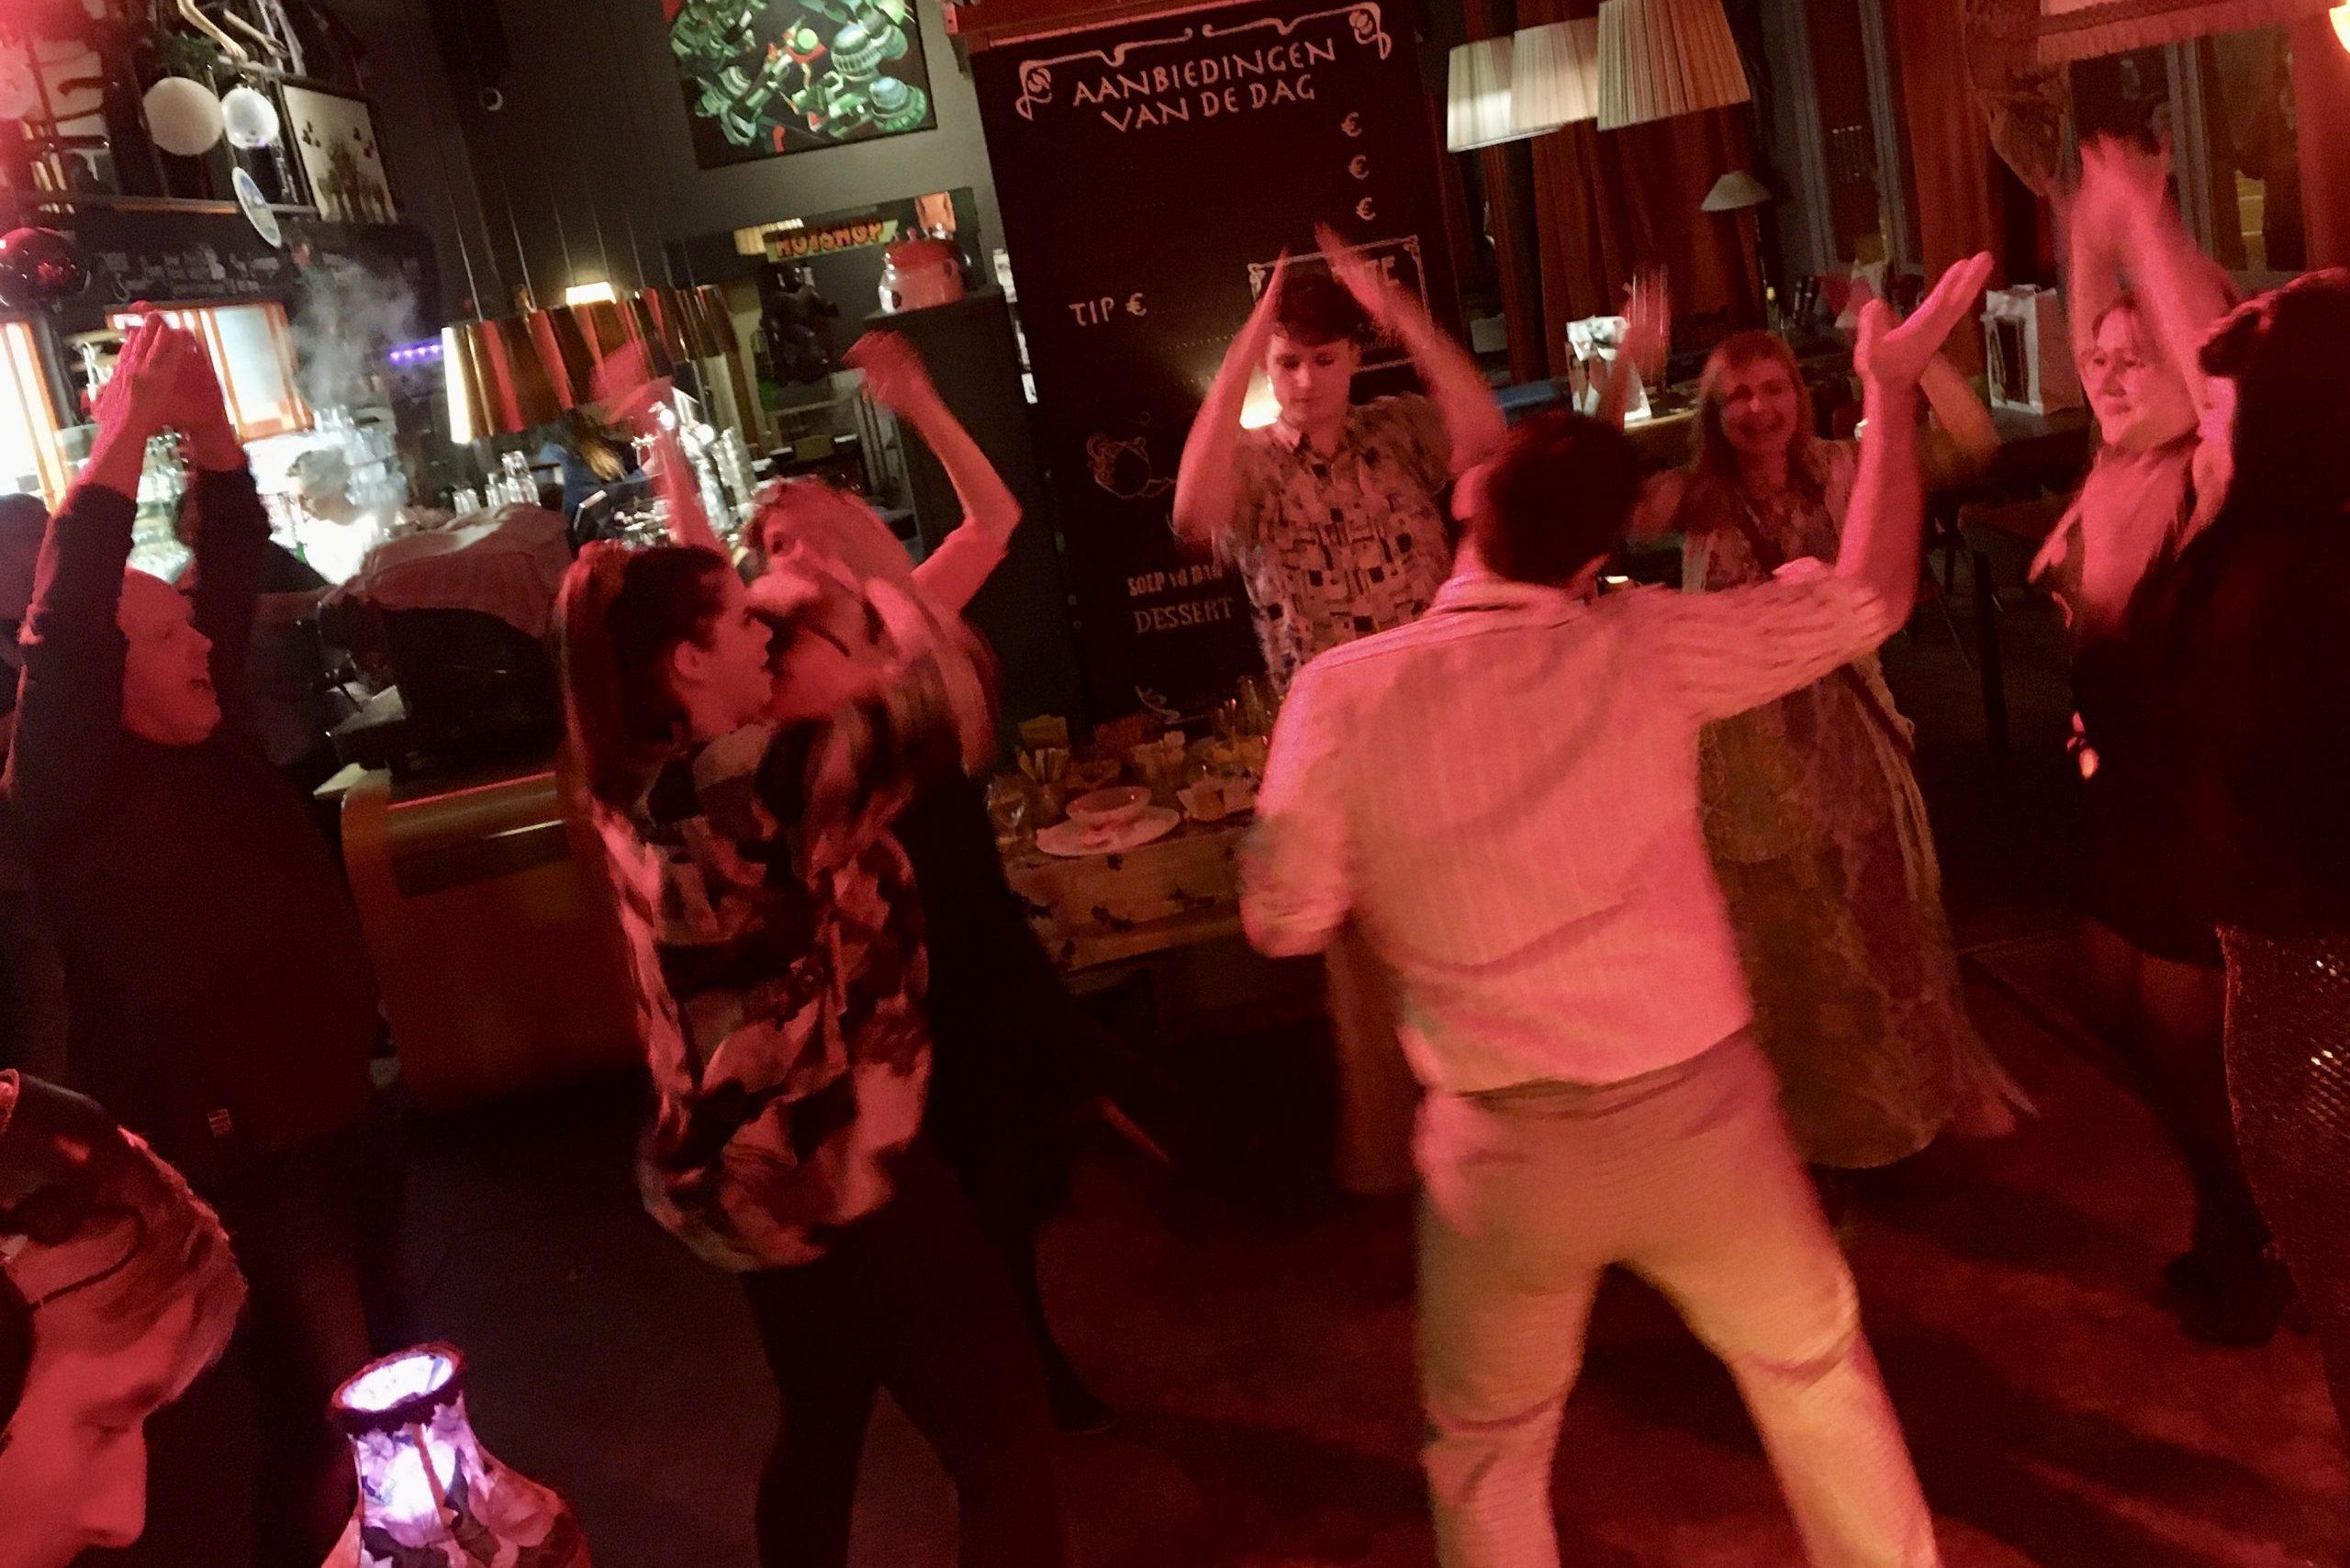 Dansende mensen in een horecagelegenheid